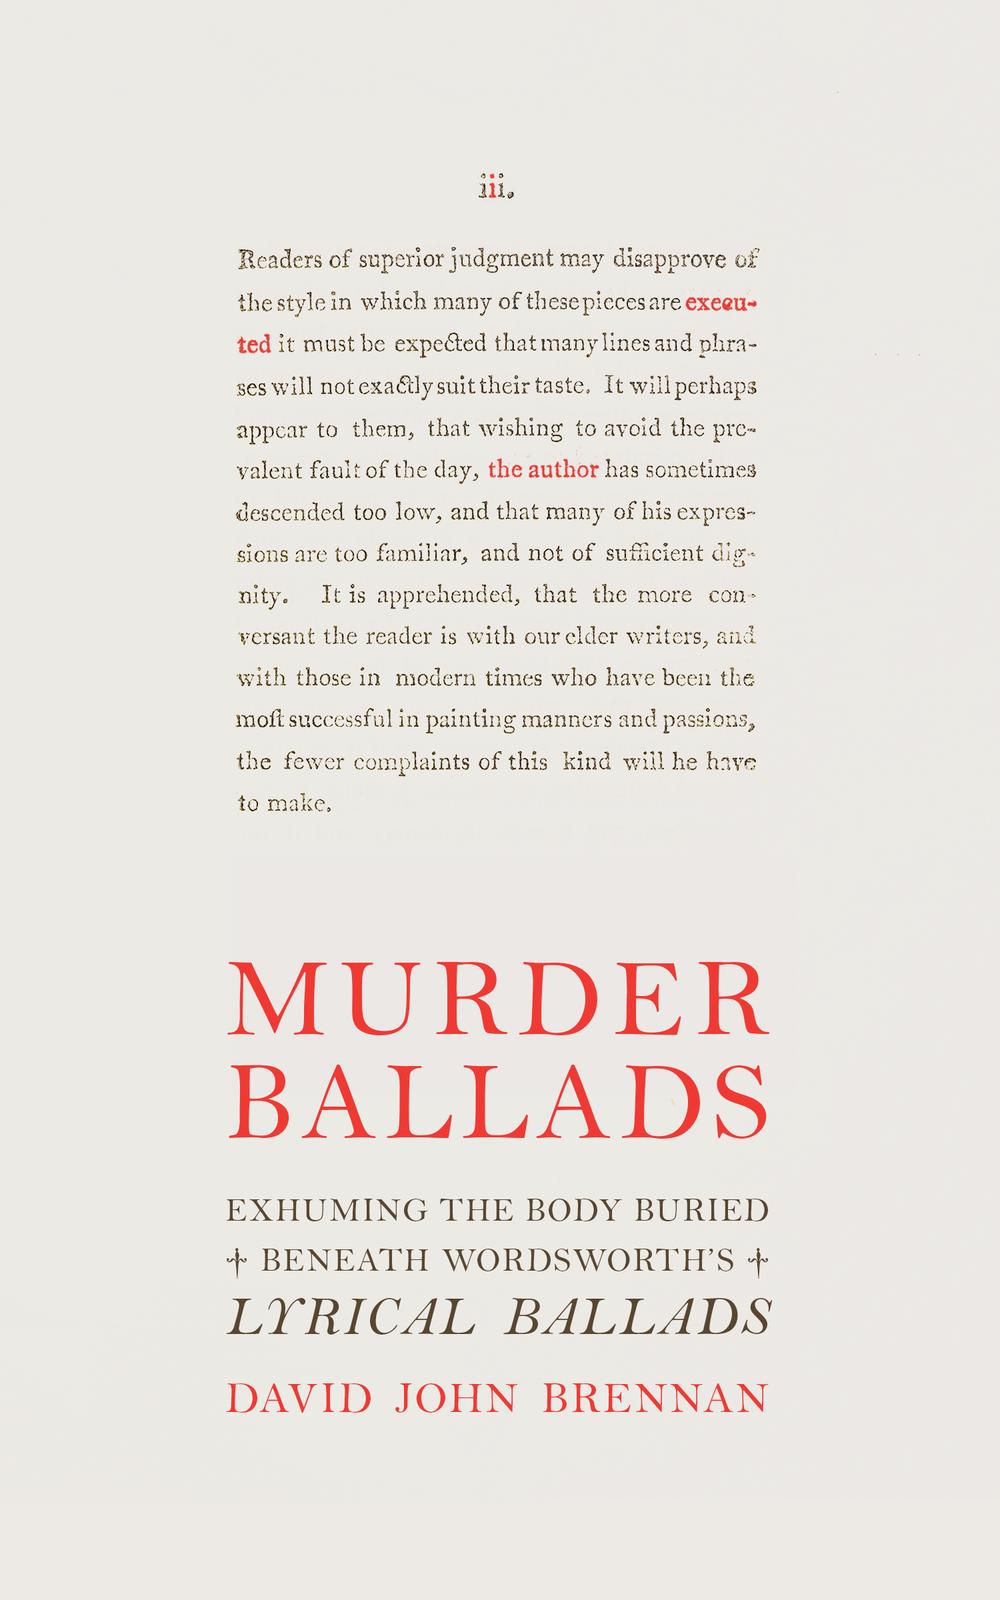 Murder Ballads. [David John Brennan.] 2016.